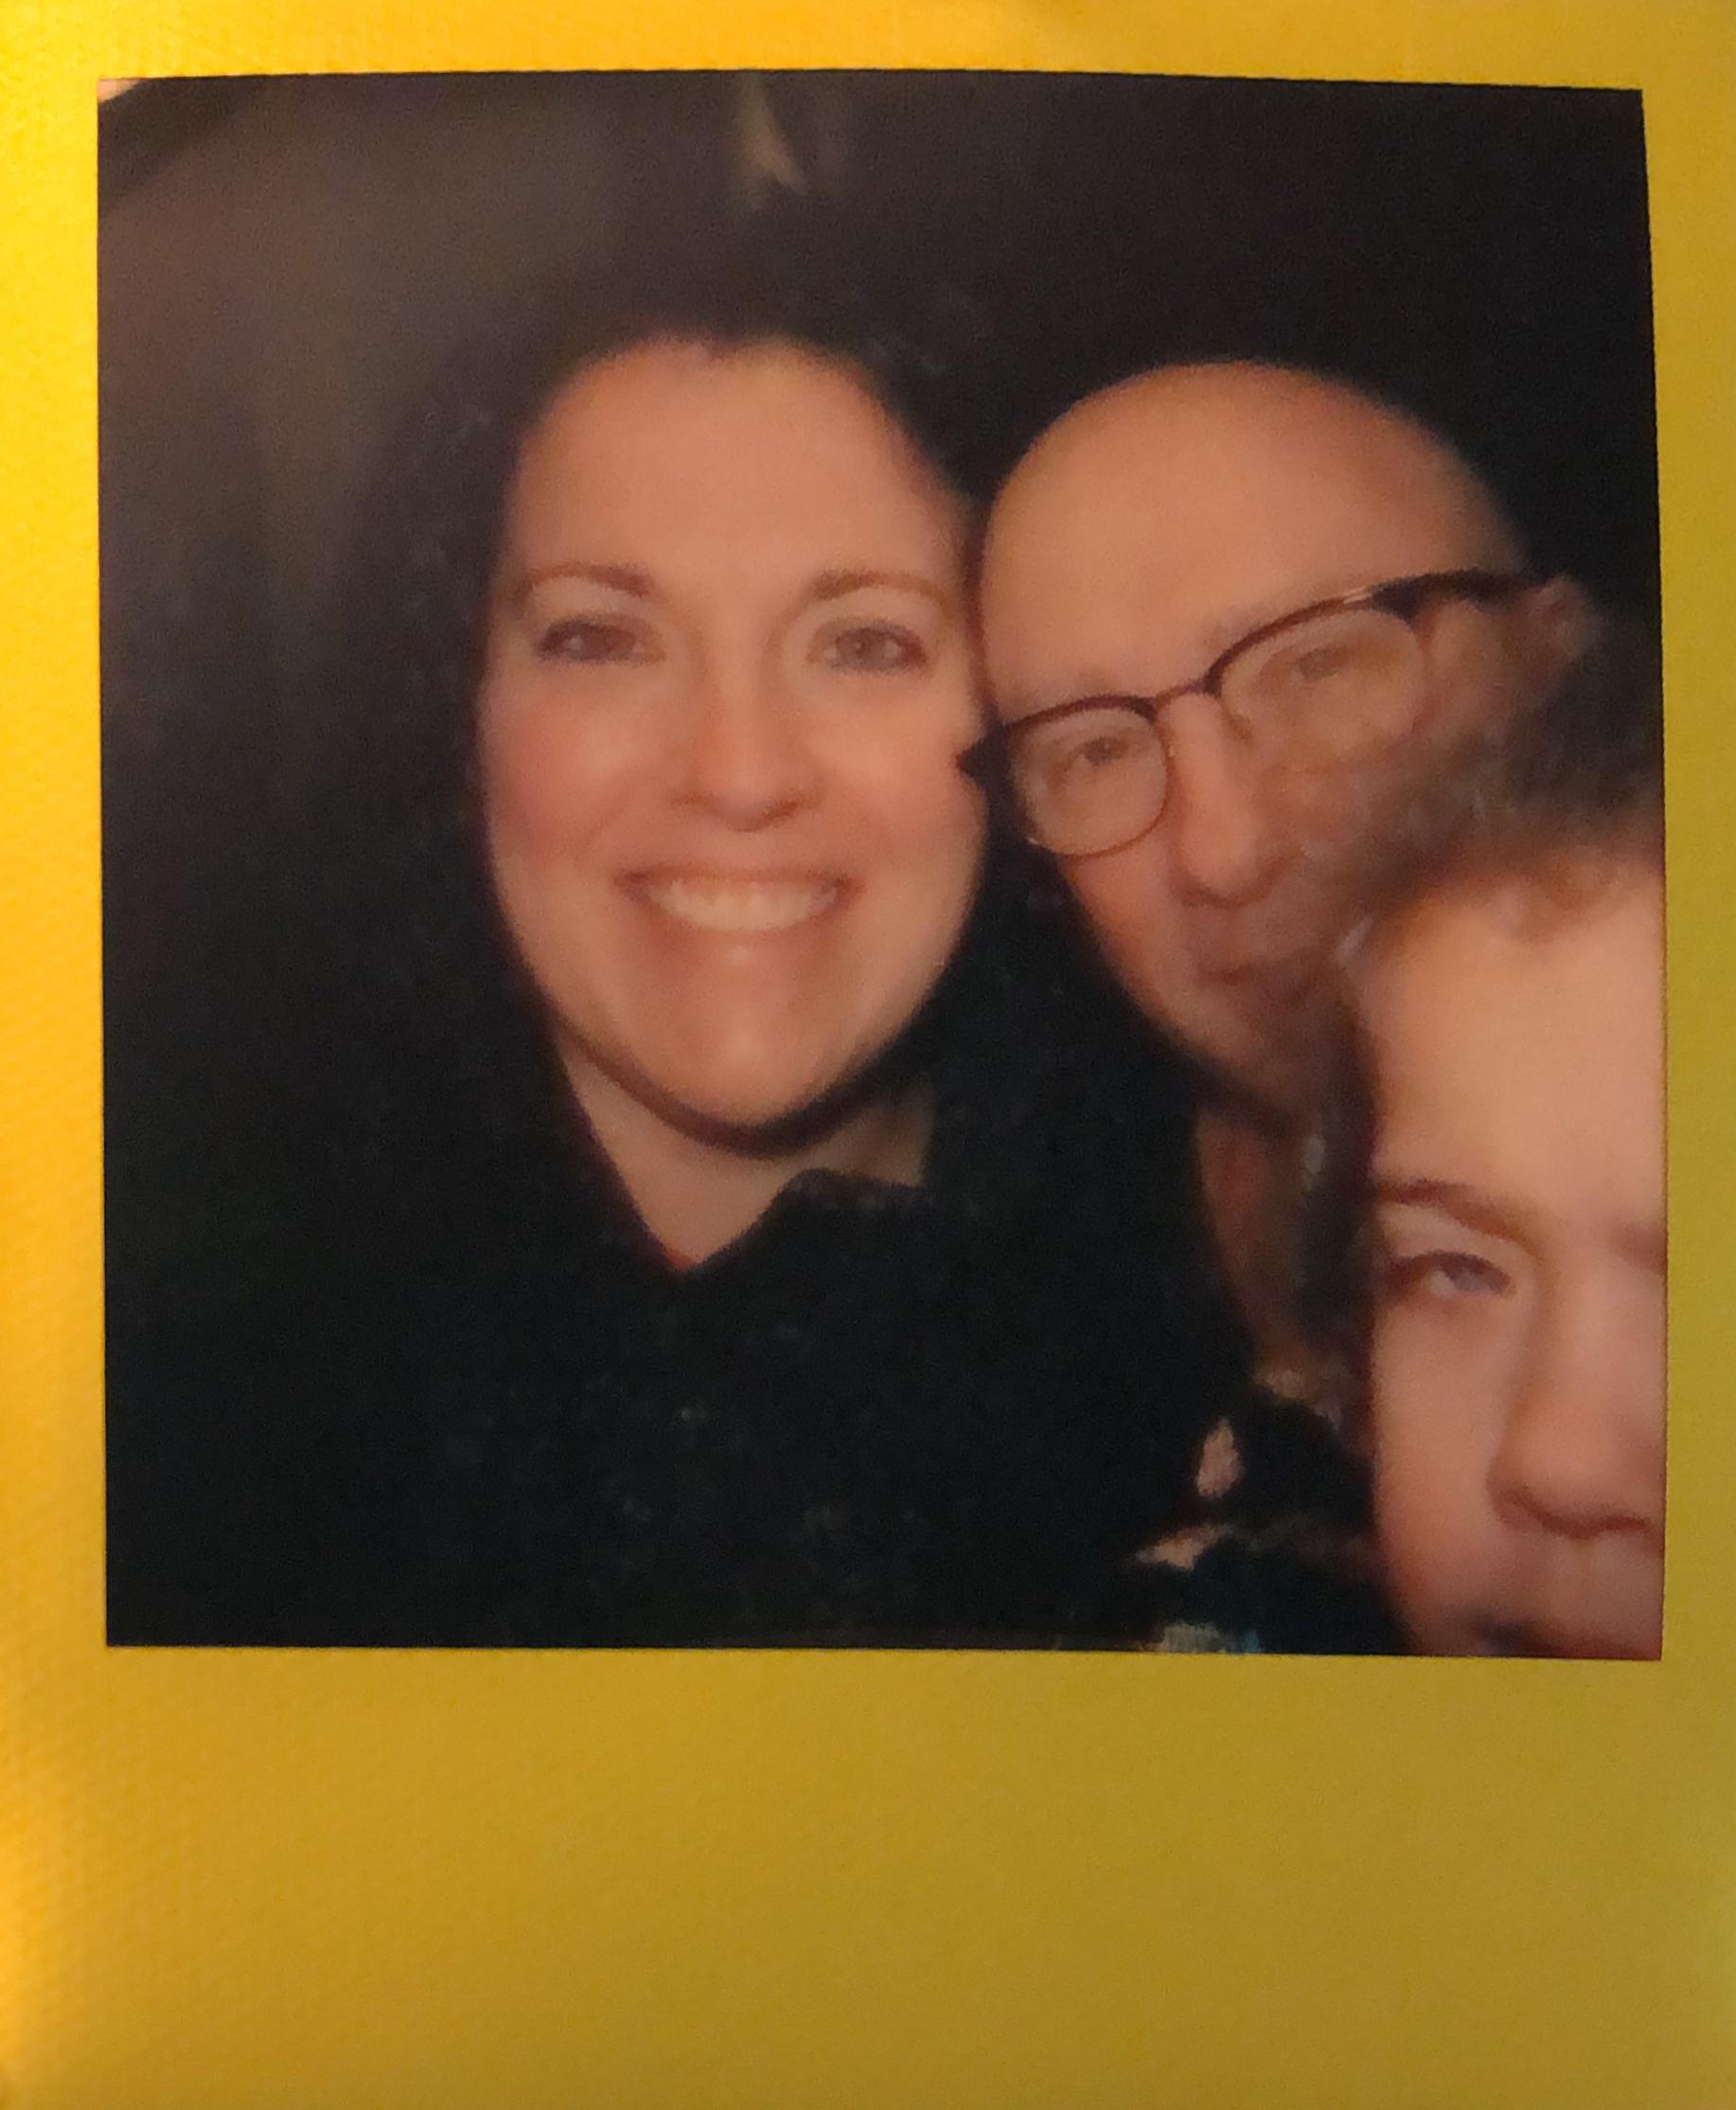 Family Selfie, 12-23-2018